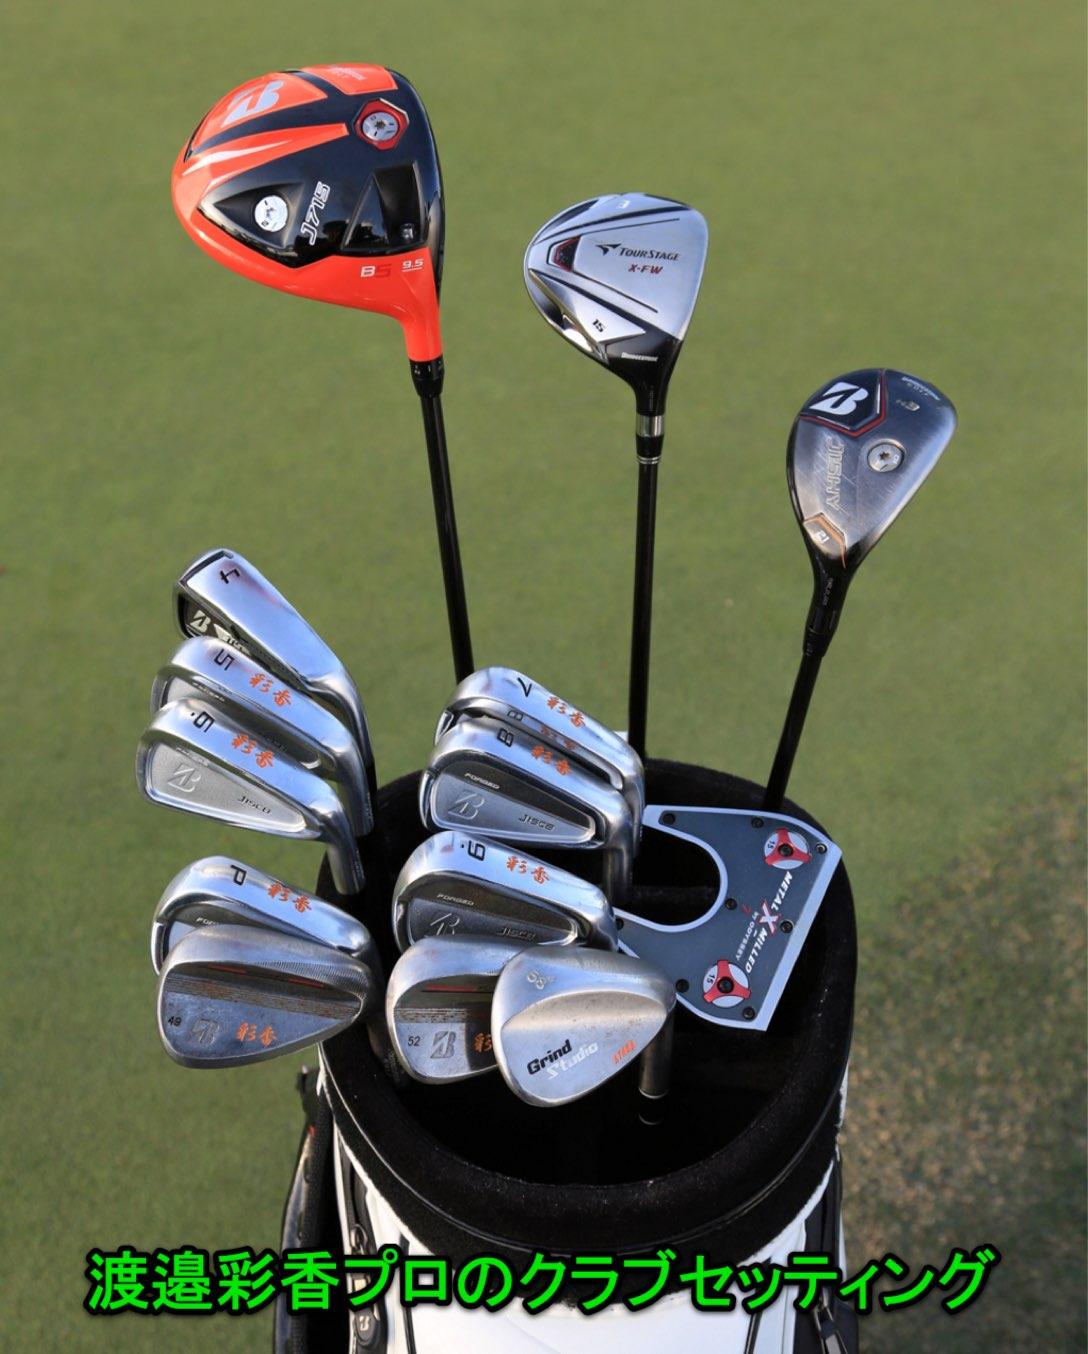 【ゴルフクラブ】番手ごとの飛距離の目安一覧表